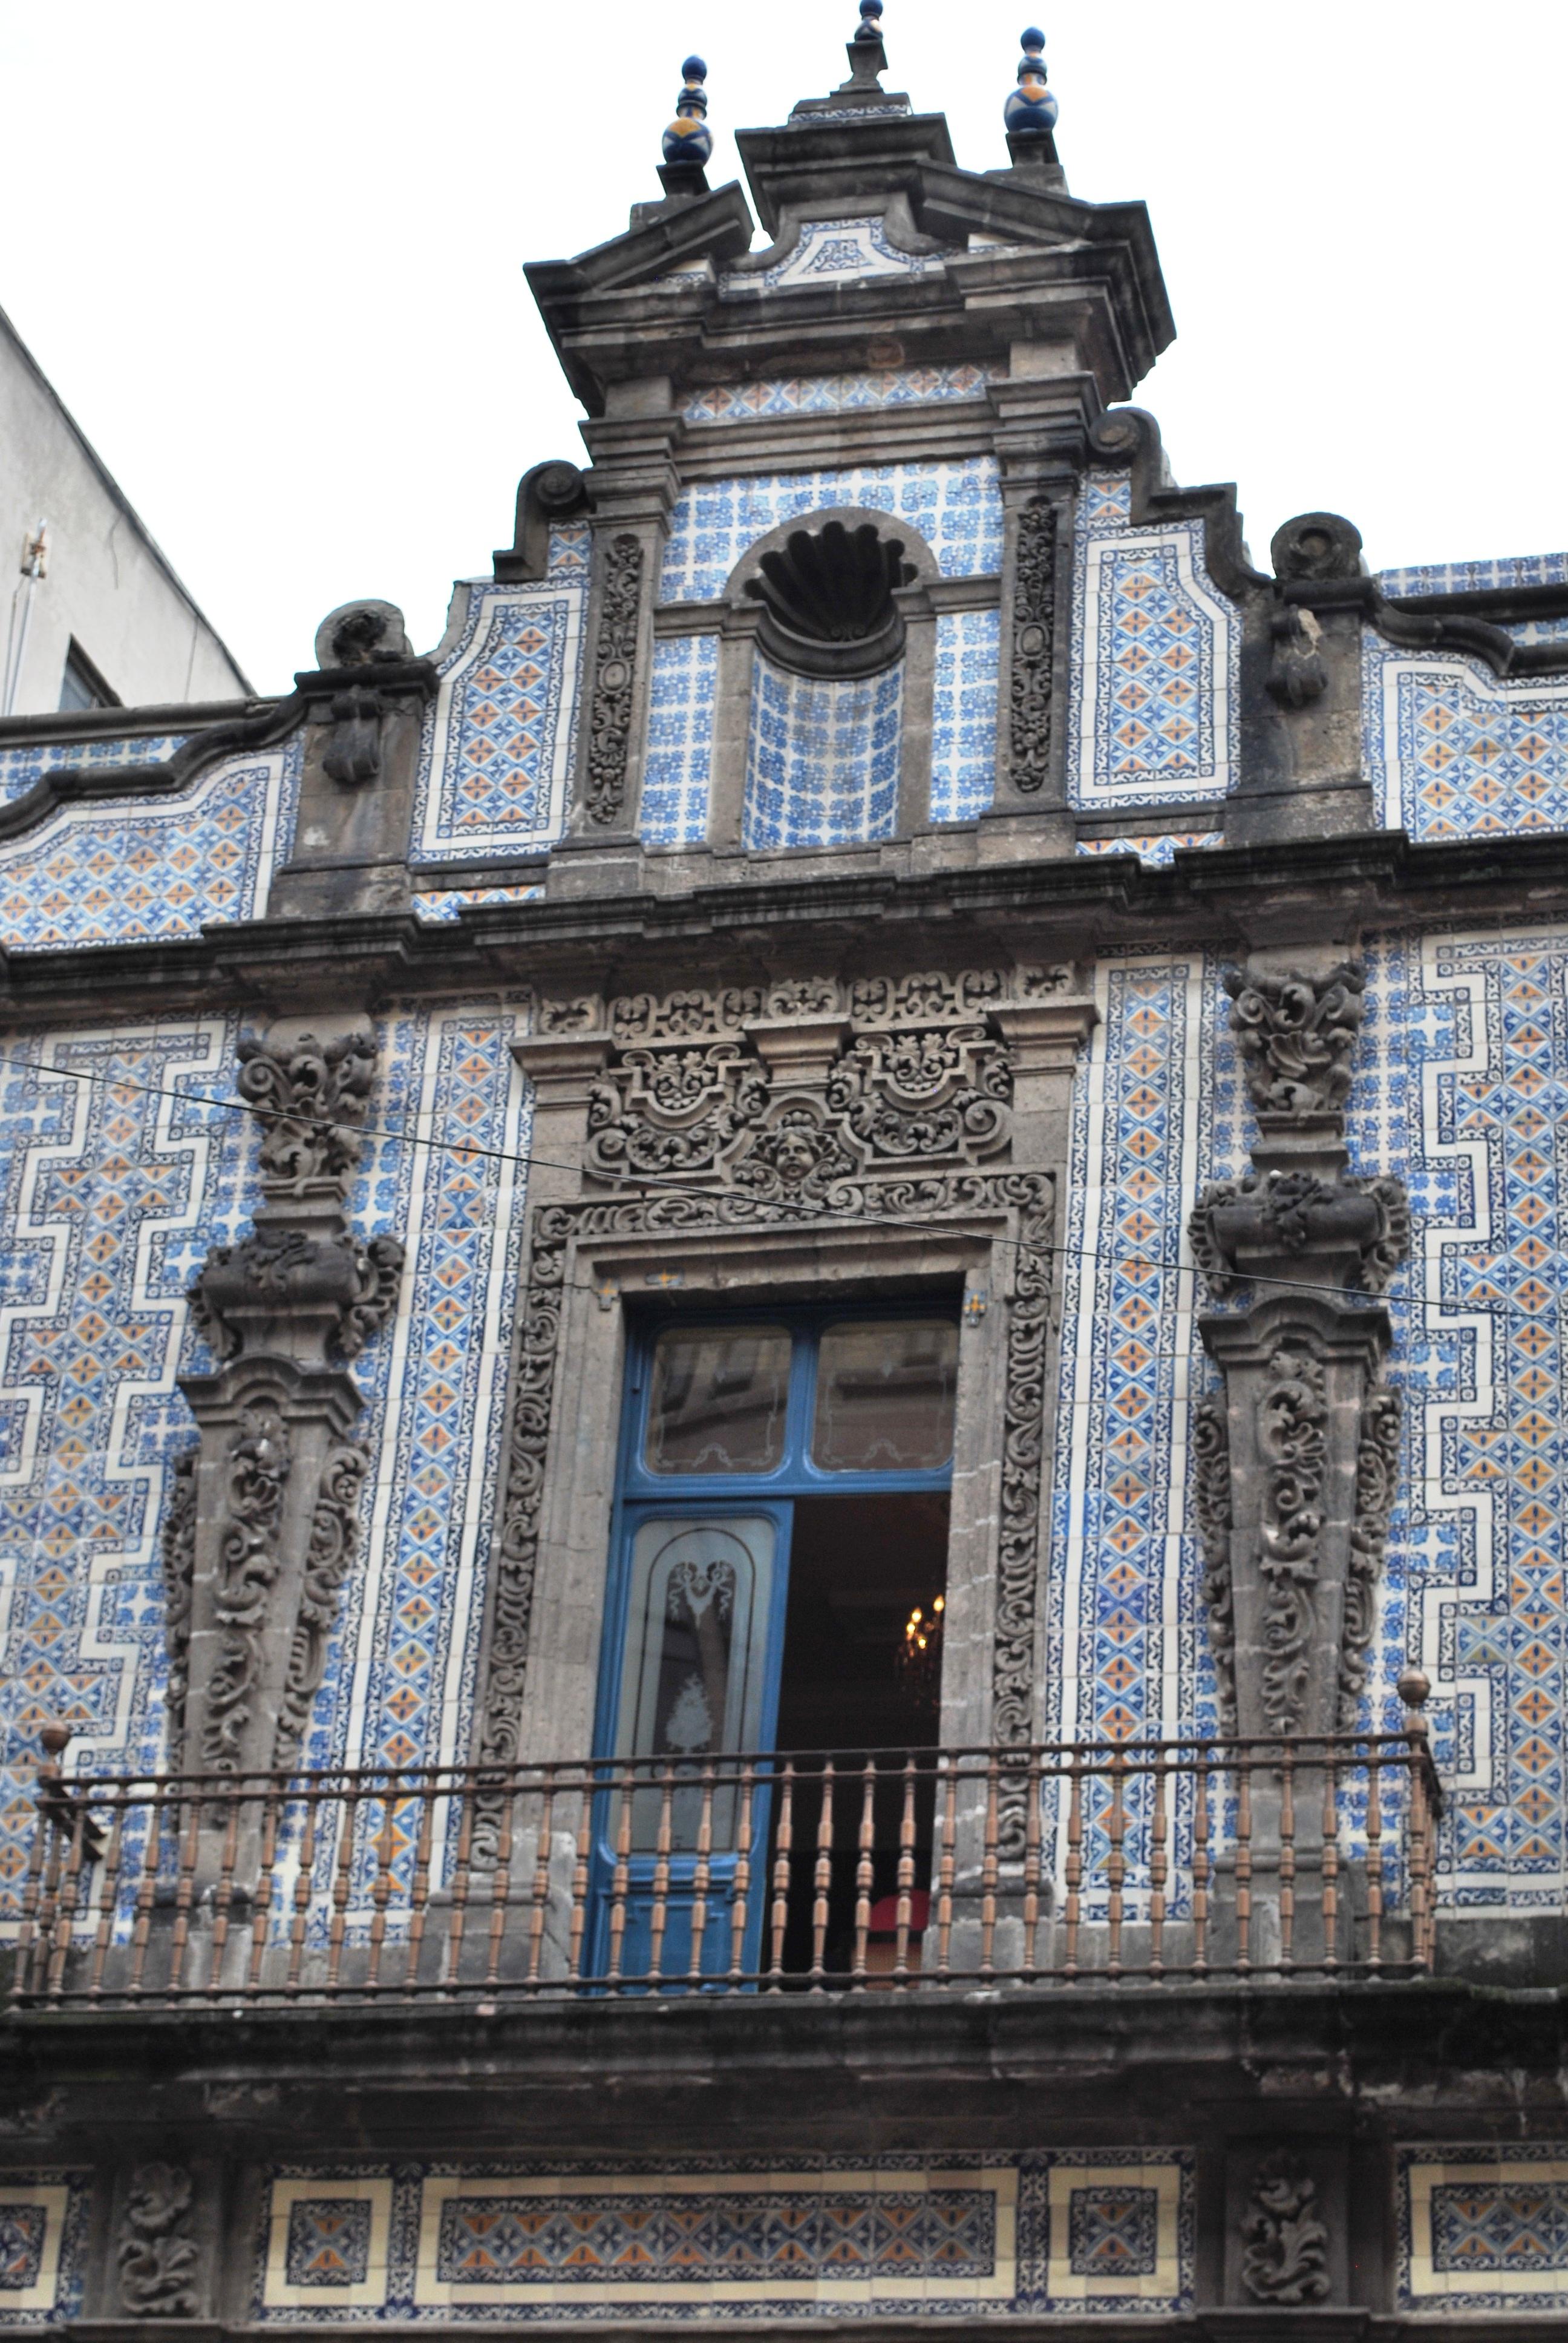 Casa de los azulejos wiki everipedia for Casa de los azulejos puebla